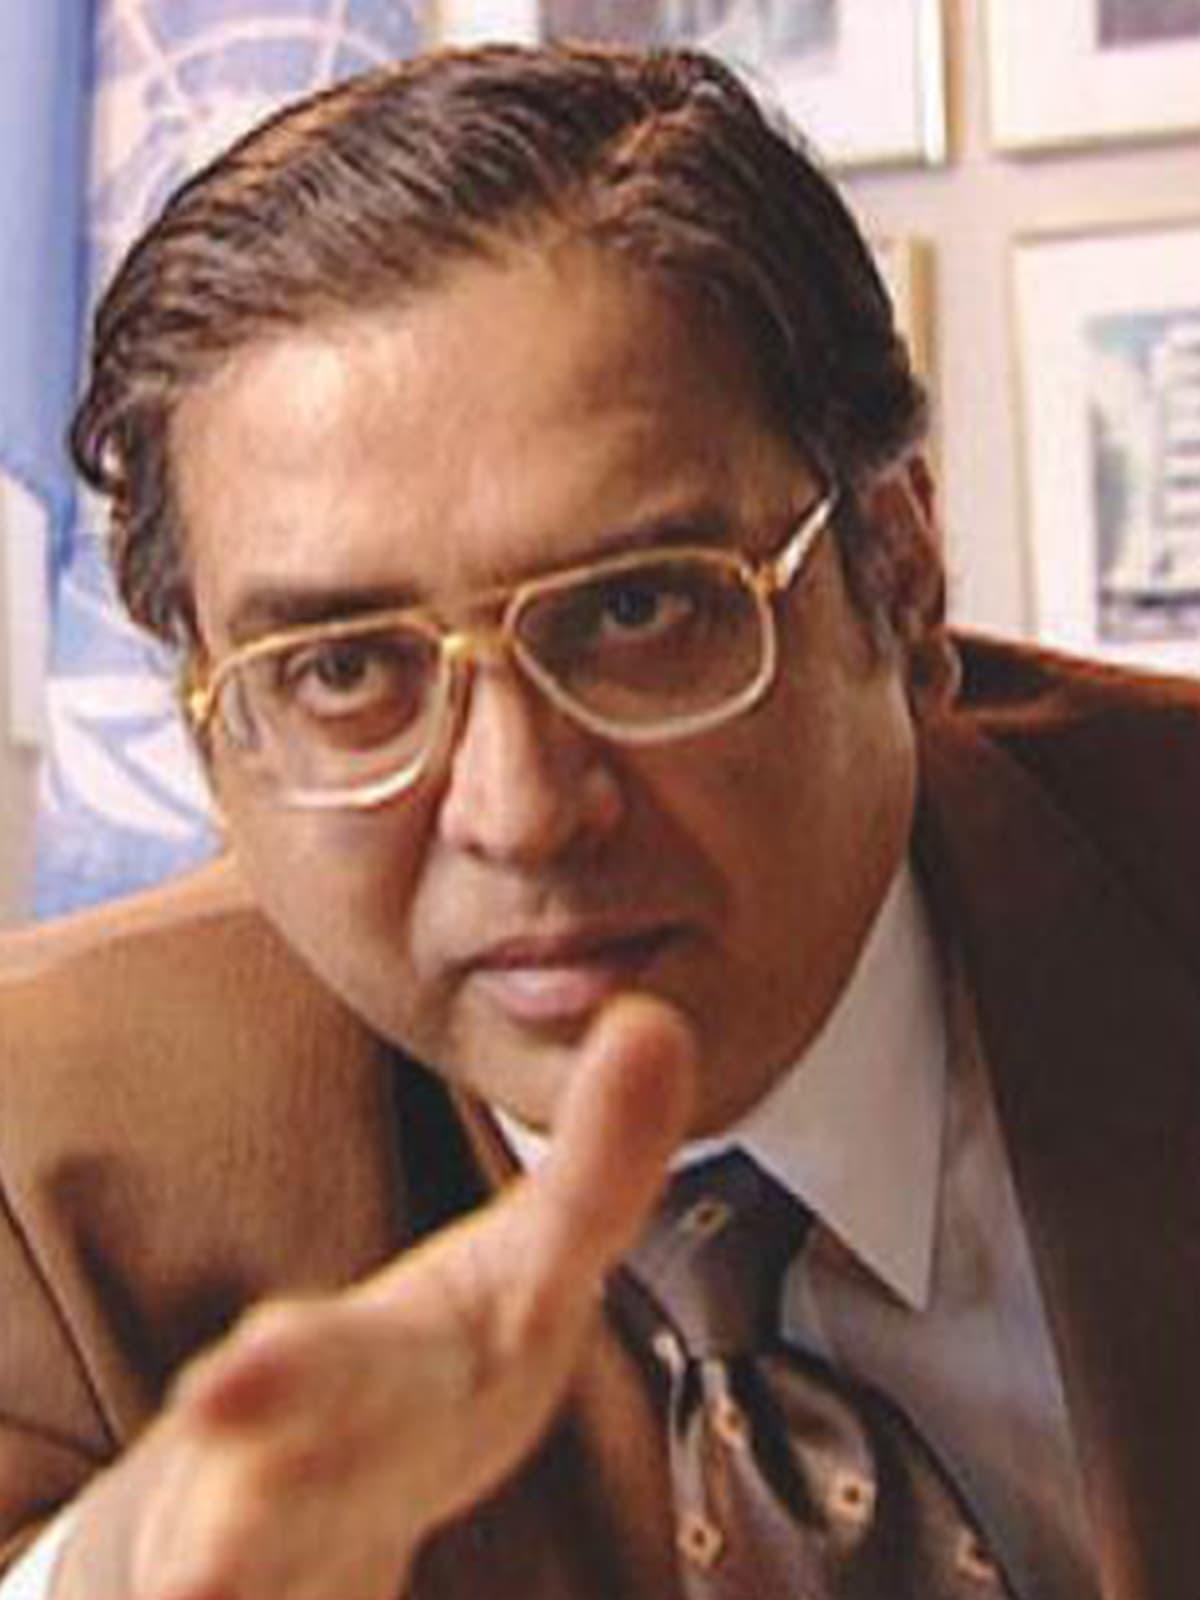 Photo courtesy: Dawn.com